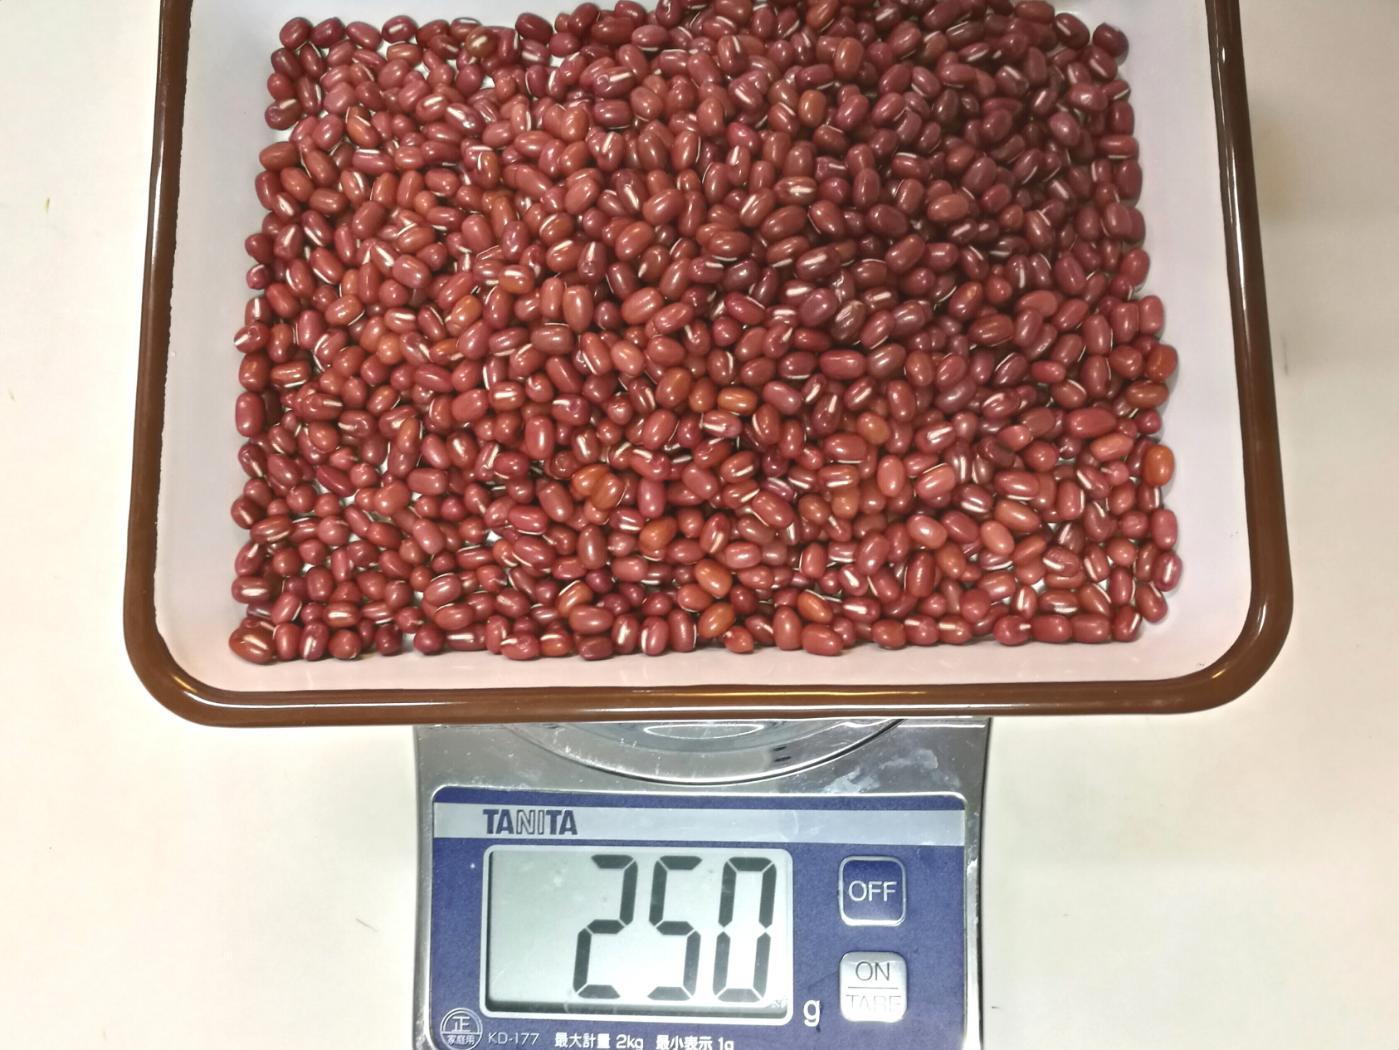 十勝の小豆 250g量っているところ